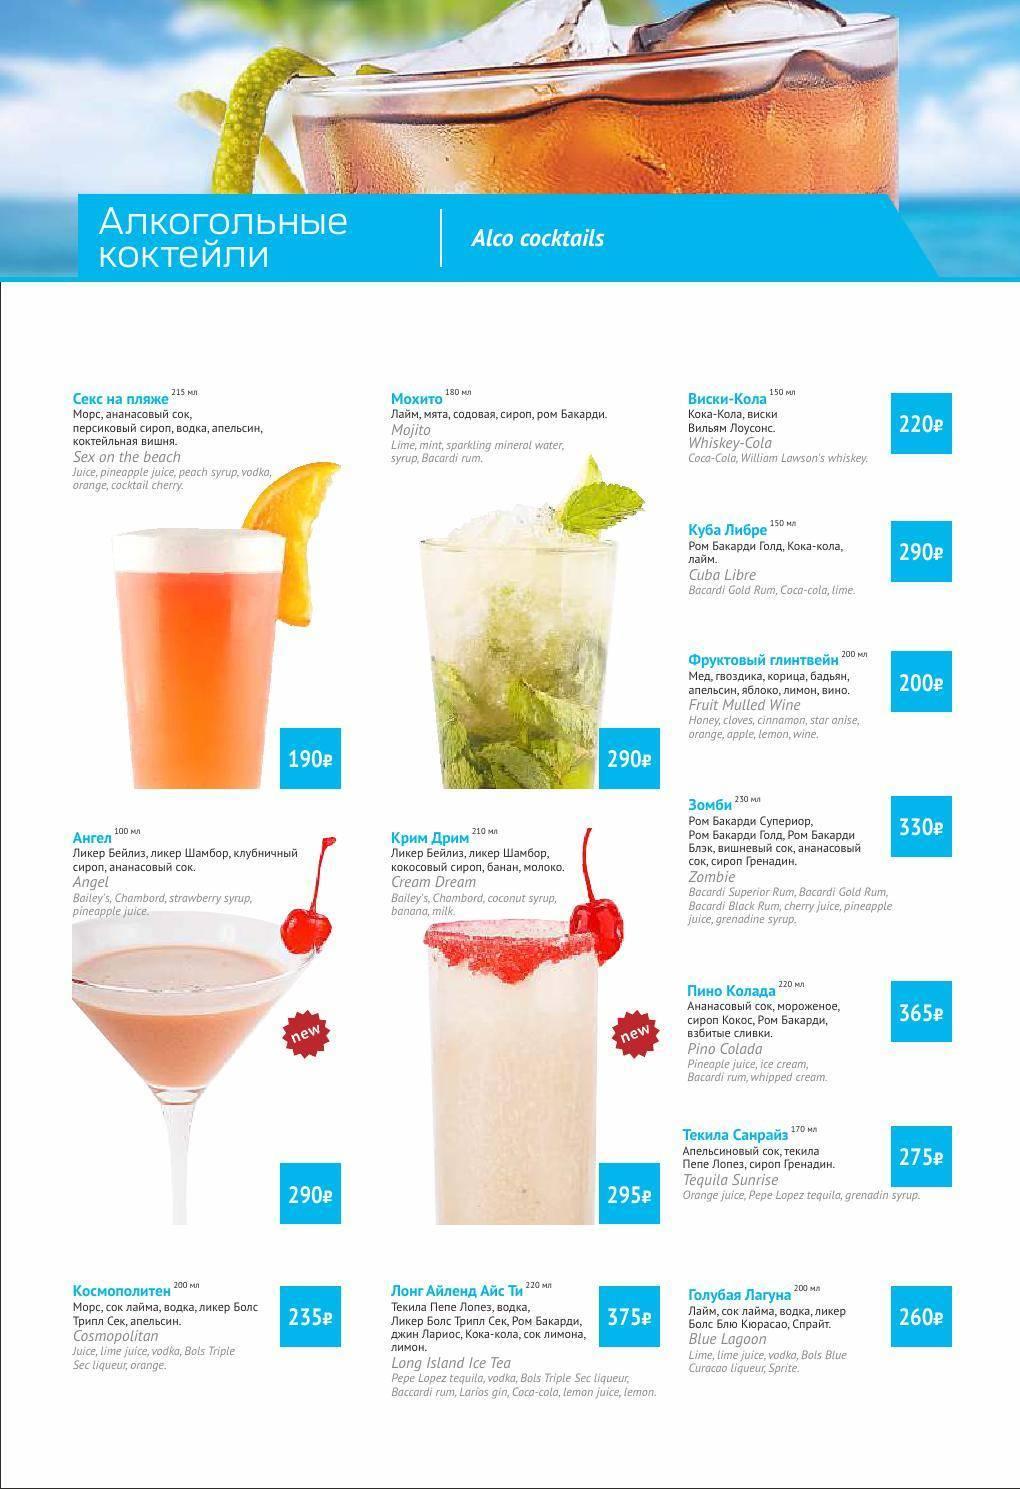 Алкогольный коктейль голубые гавайи рецепт с фото - 1000.menu